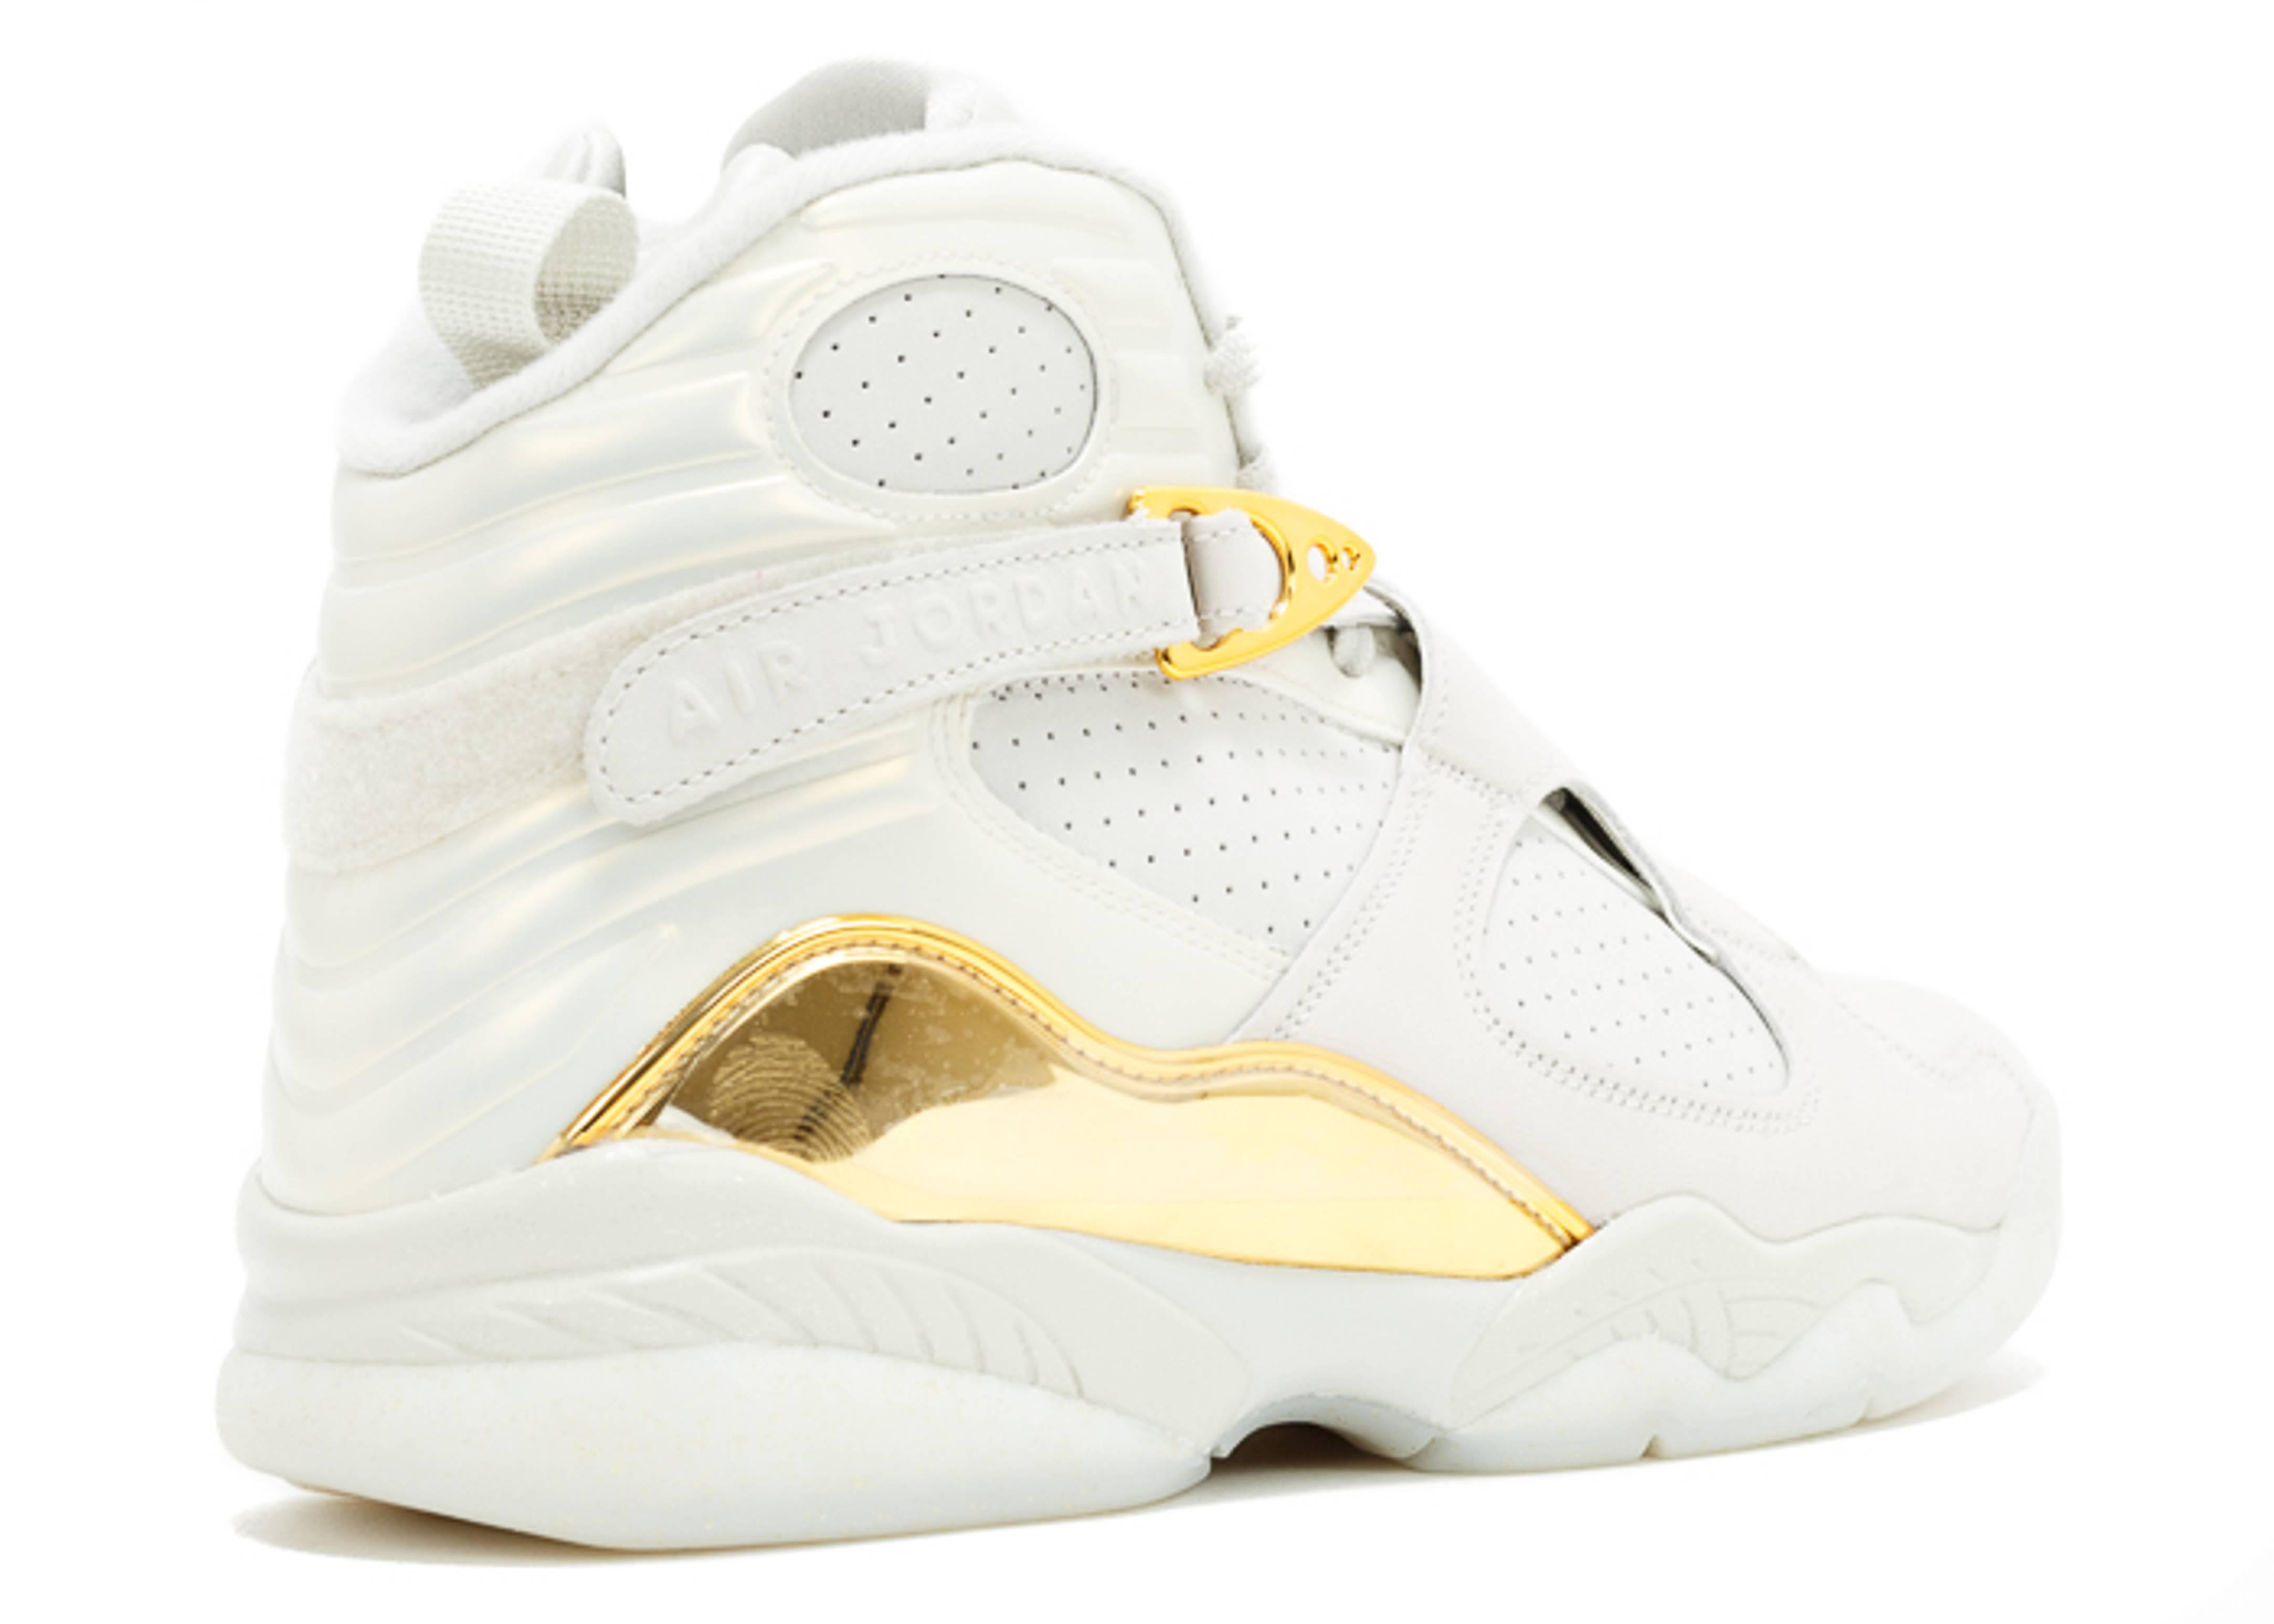 32e1fac31ea5 ... best air jordan 8 retro cc champagne air jordan 832821 030 light bone  metallic gold white